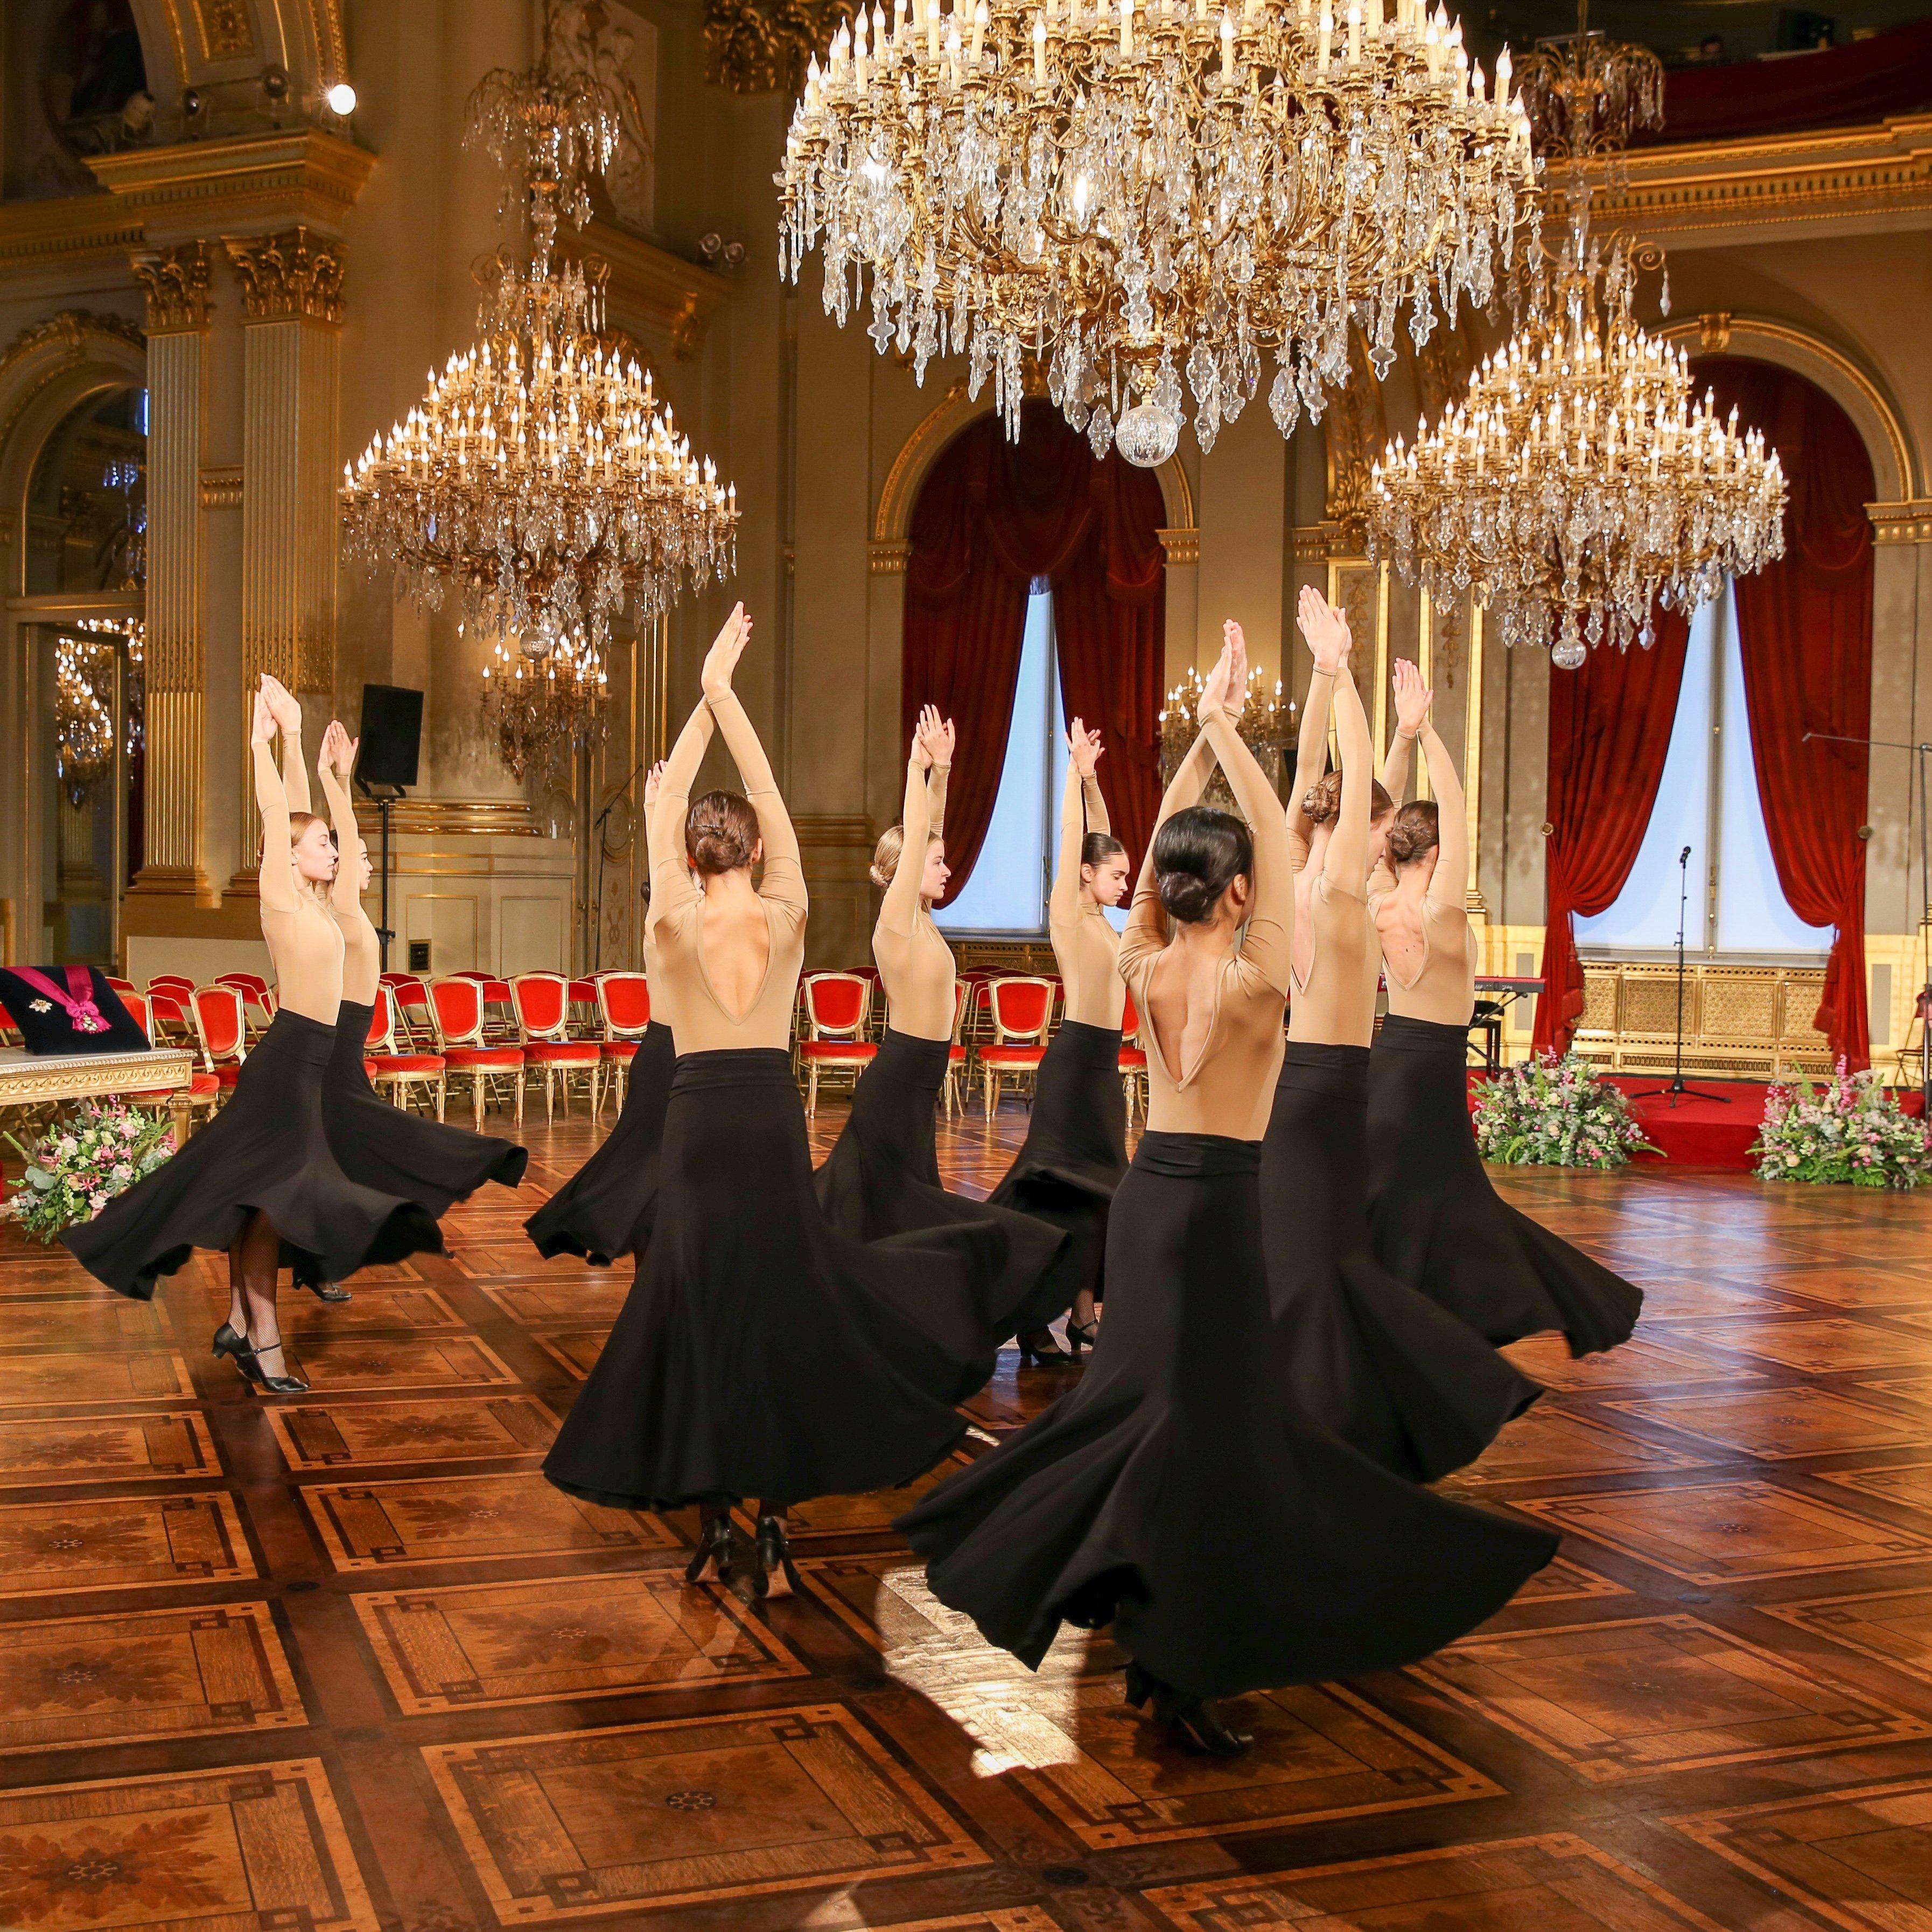 Στο λαμπερό πάρτι που έγινε στο βασιλικό παλάτι των Βρυξελλών χόρεψαν μπαλαρίνες της βασιλικής σχολής μπαλέτου της Αμβέρσας